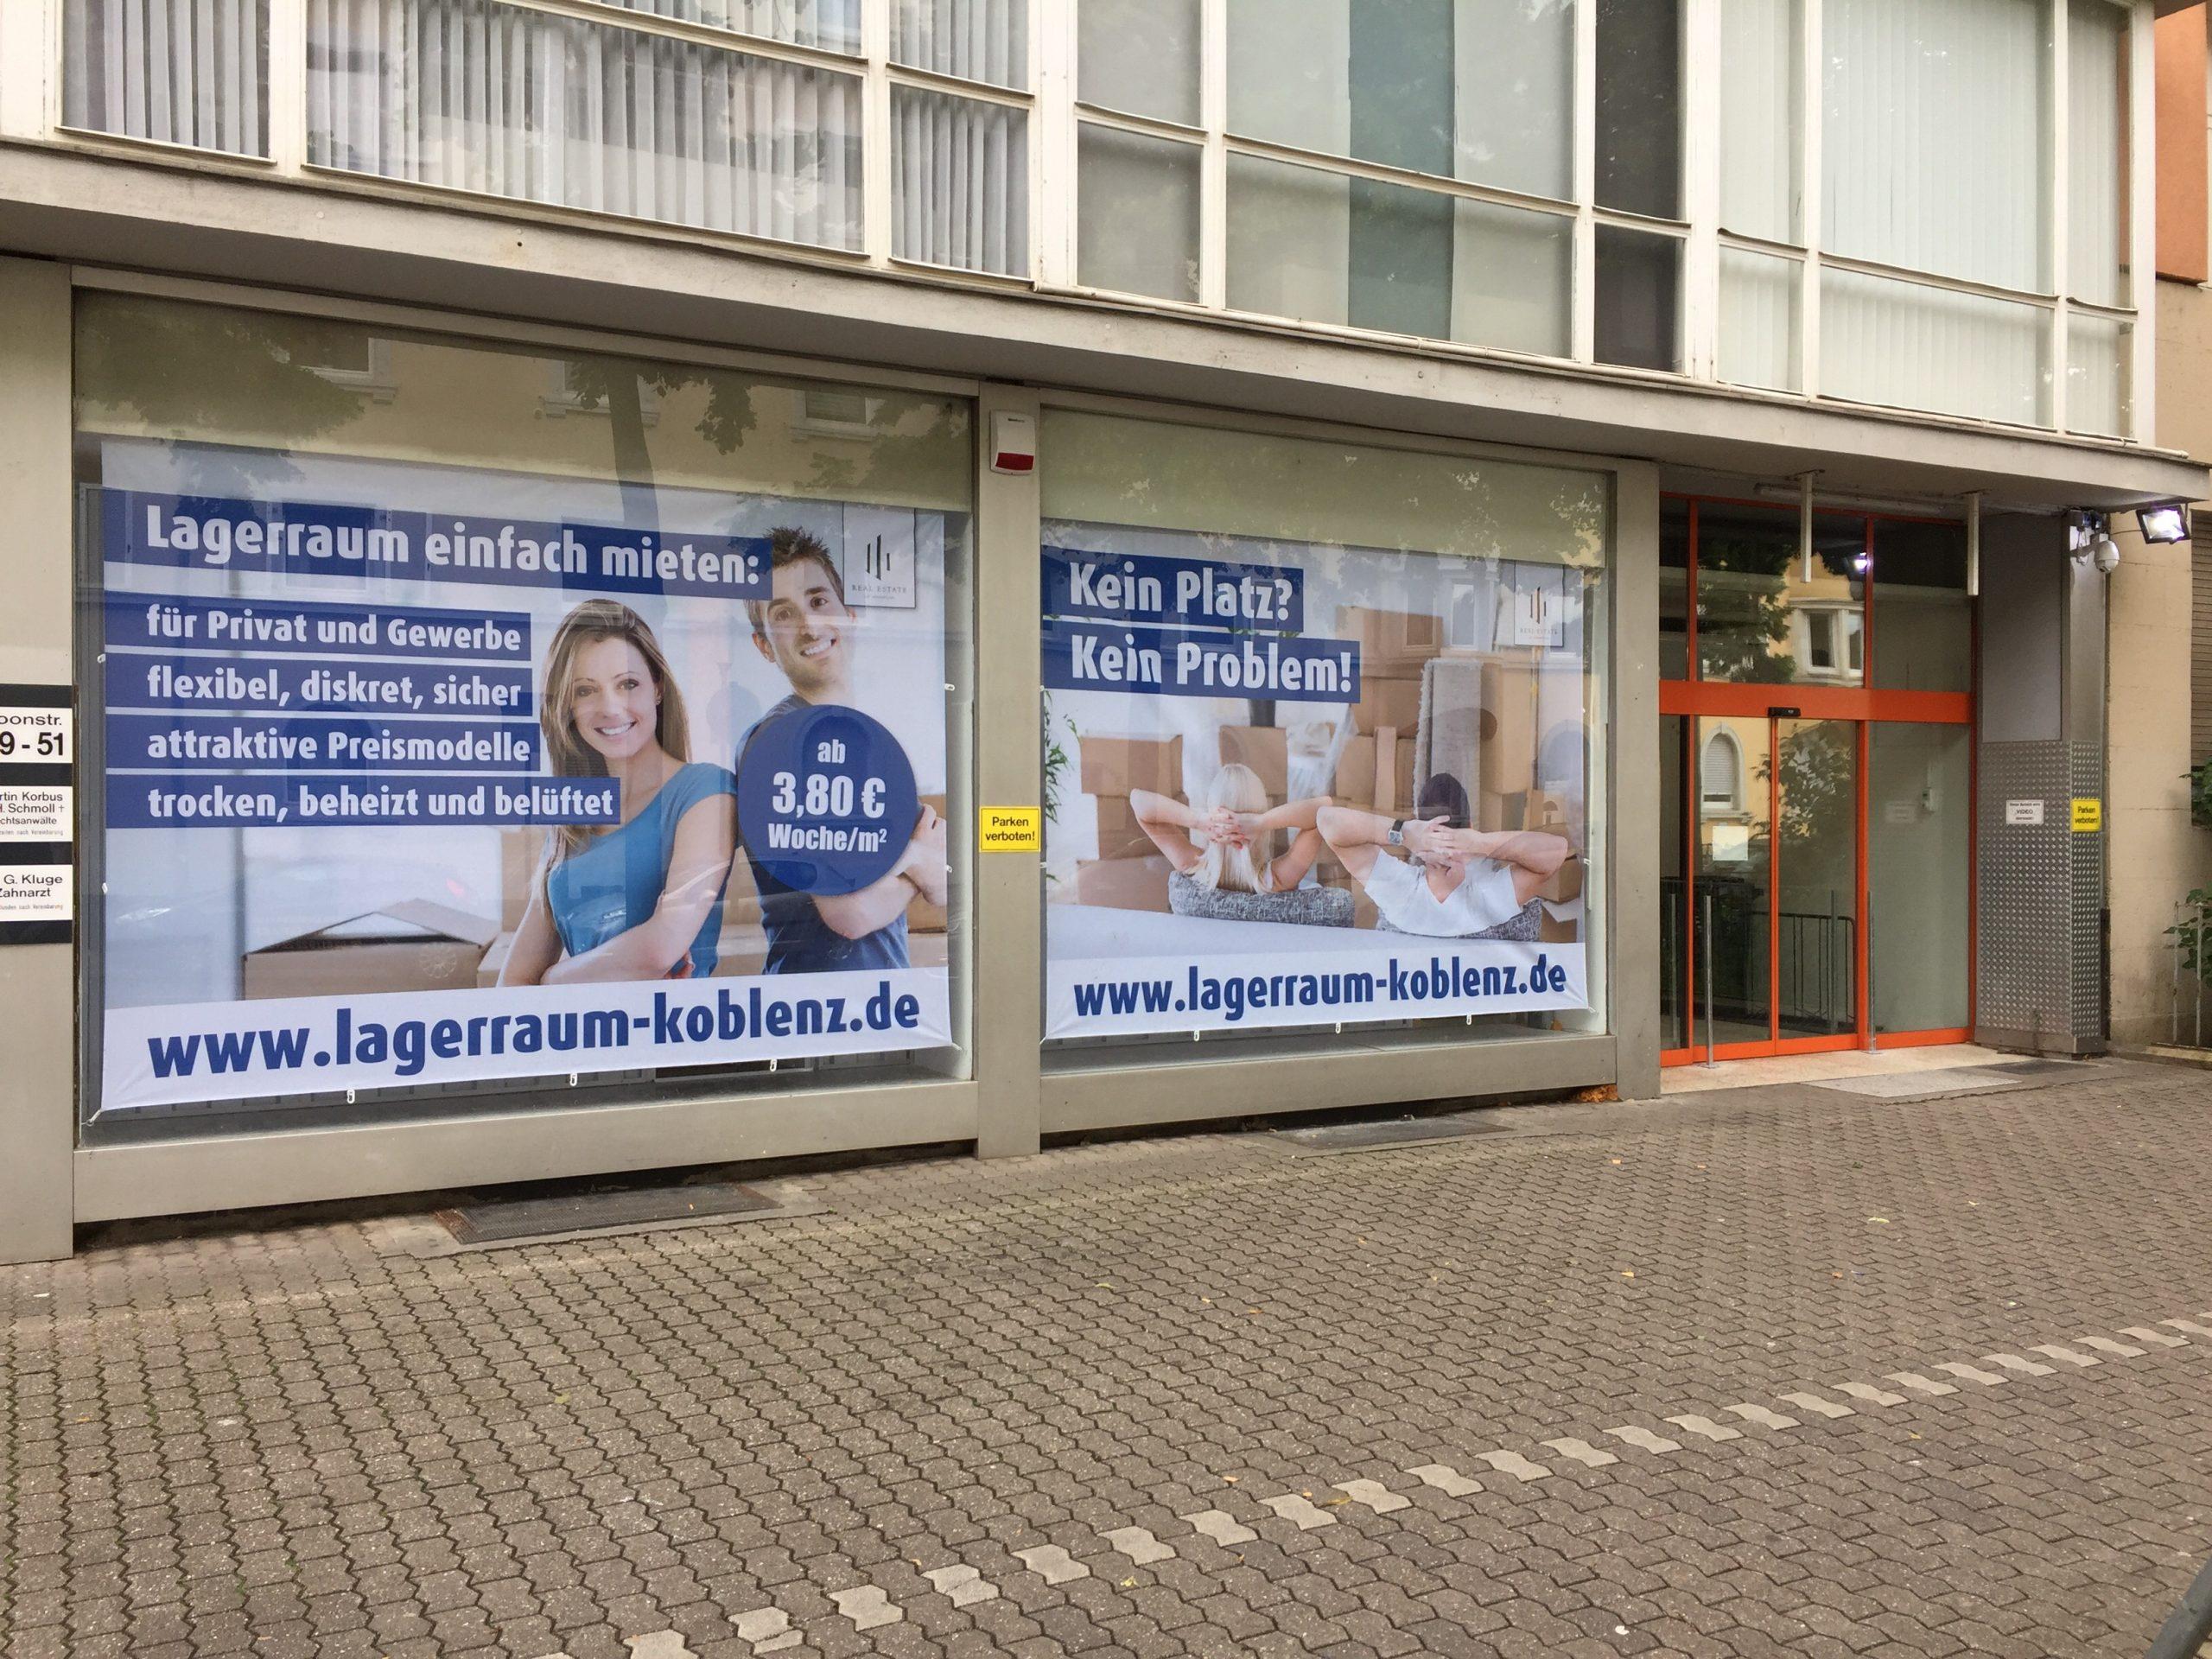 Full Size of Lagerfläche Mieten Berlin Spandau Lagerfläche Mieten Hamburg Wandsbek Lagerfläche Mieten Hildesheim Lagerfläche Mieten Wolfratshausen Küche Lagerfläche Mieten